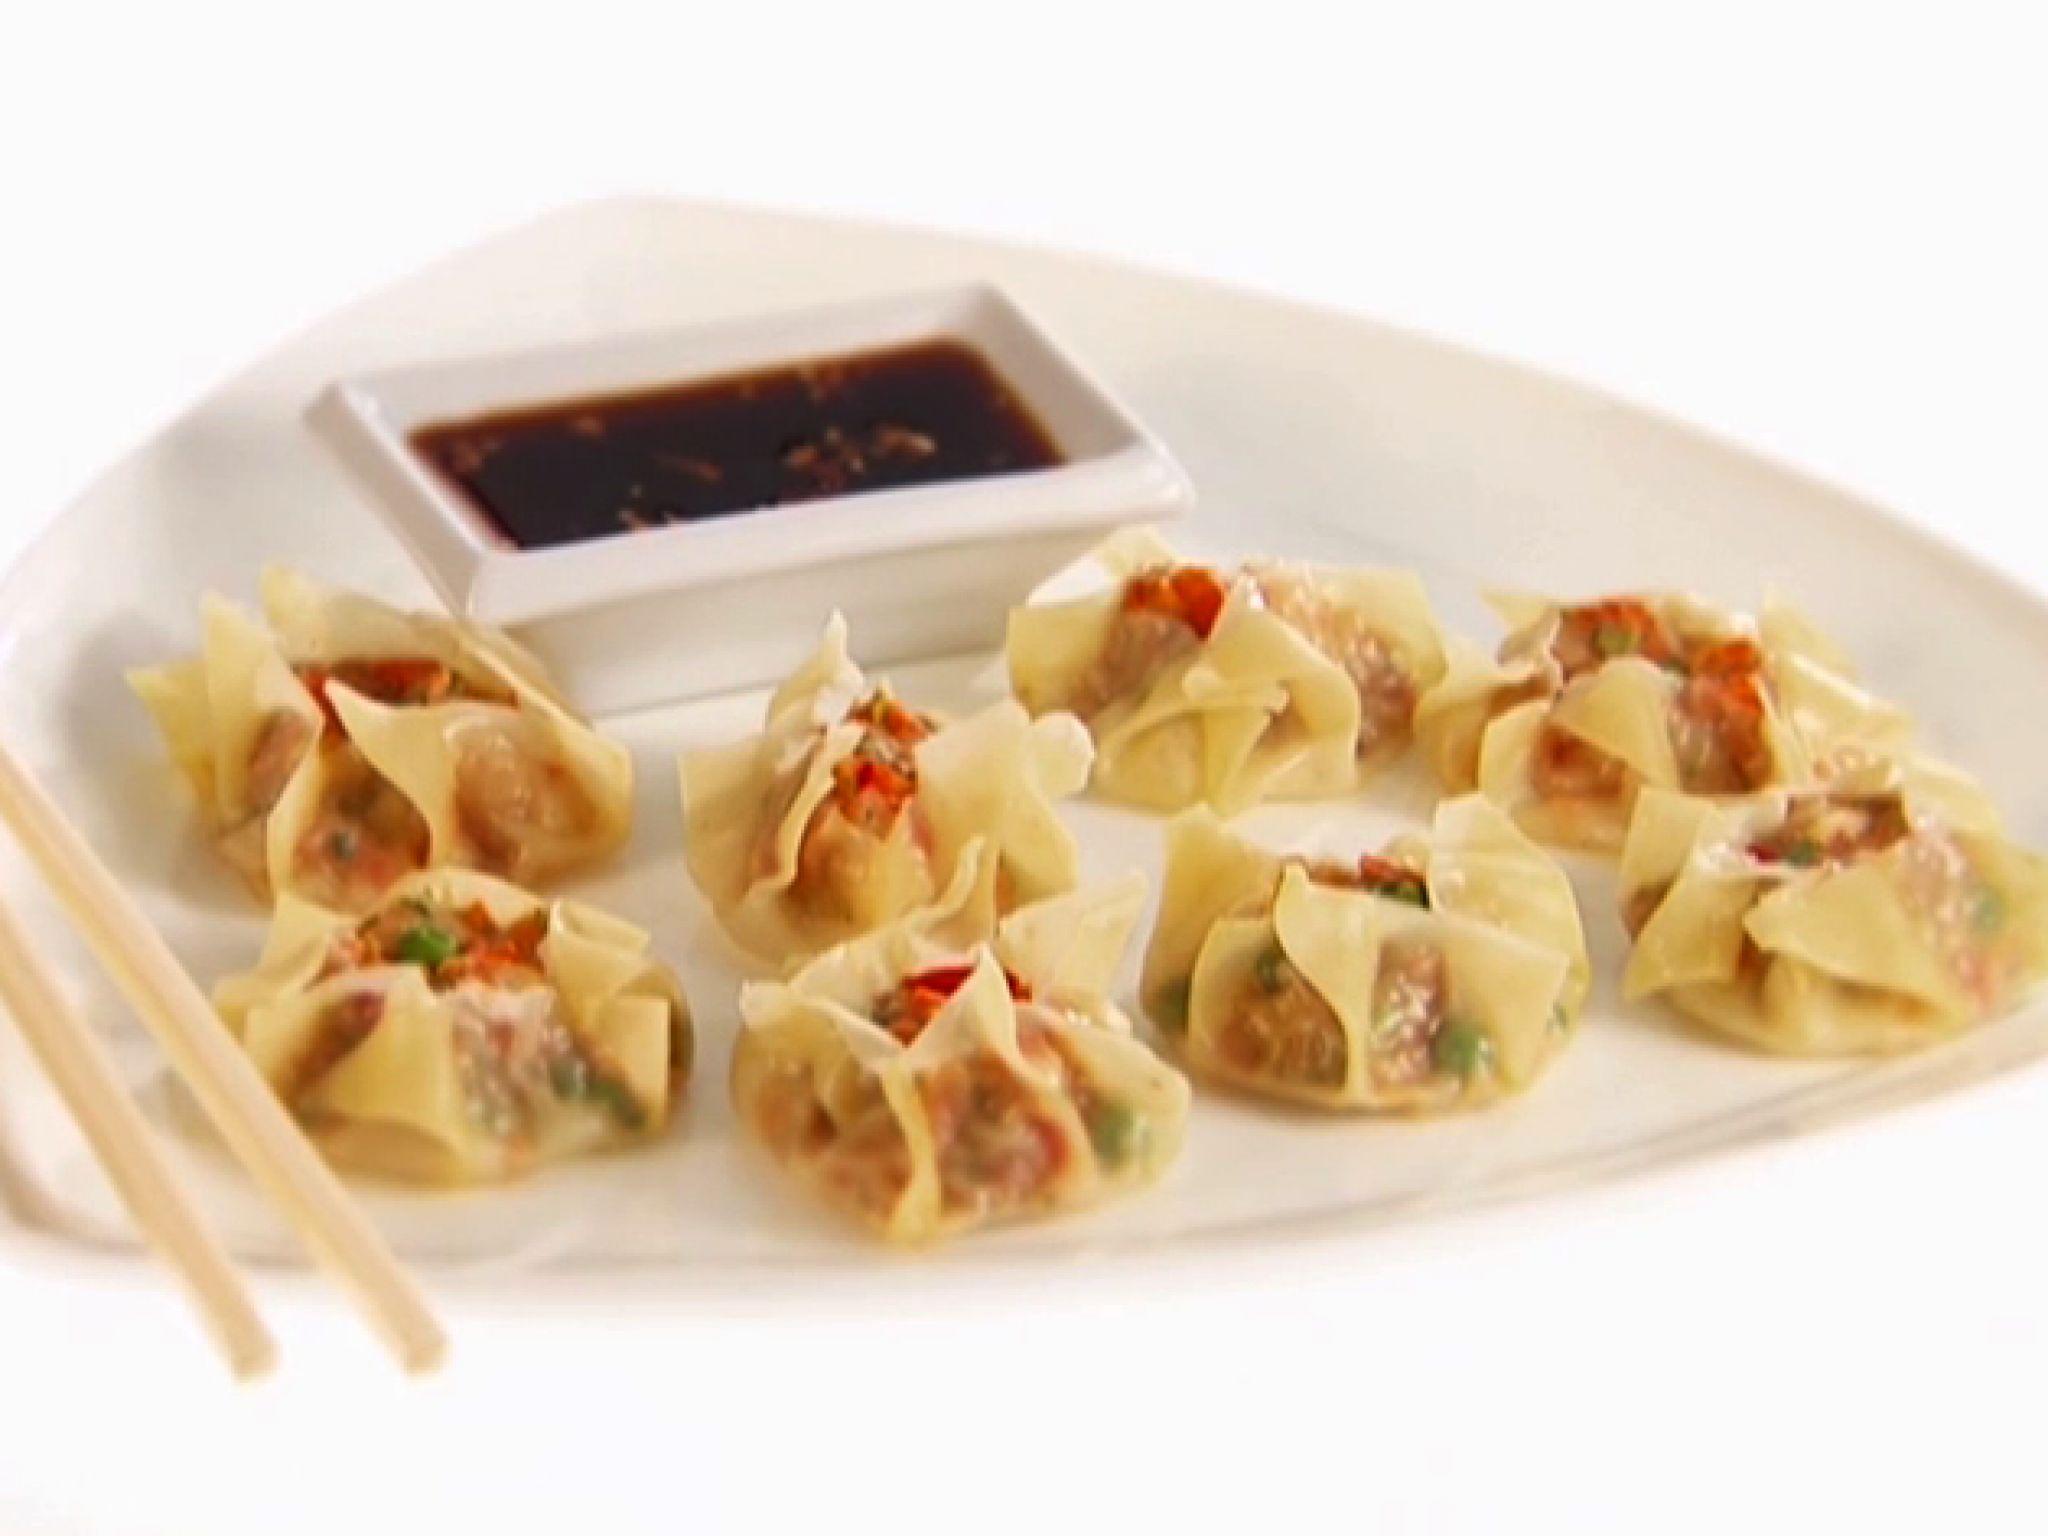 Shrimp siu mai dumplings recipe giada de laurentiis food and shrimp siu mai dumplings recipe giada de laurentiis food and recipes forumfinder Image collections